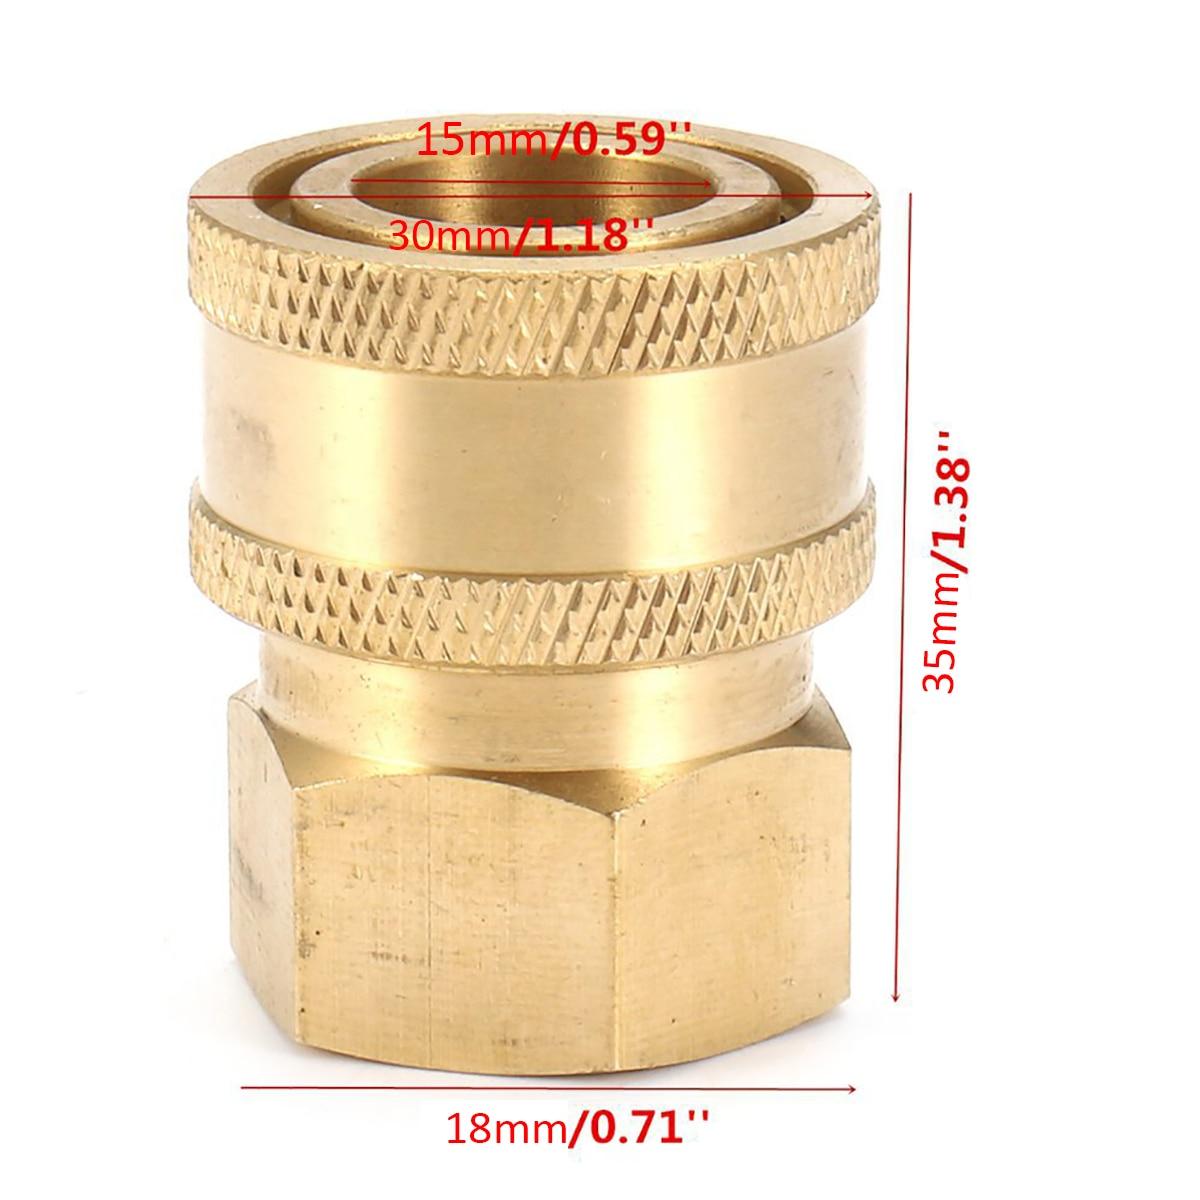 3/8 4000psi Латунь Quick Connect Муфта адаптер 30*15 мм для автомобиля Ручная стирка Давление шайба разъем фитинги mayitr